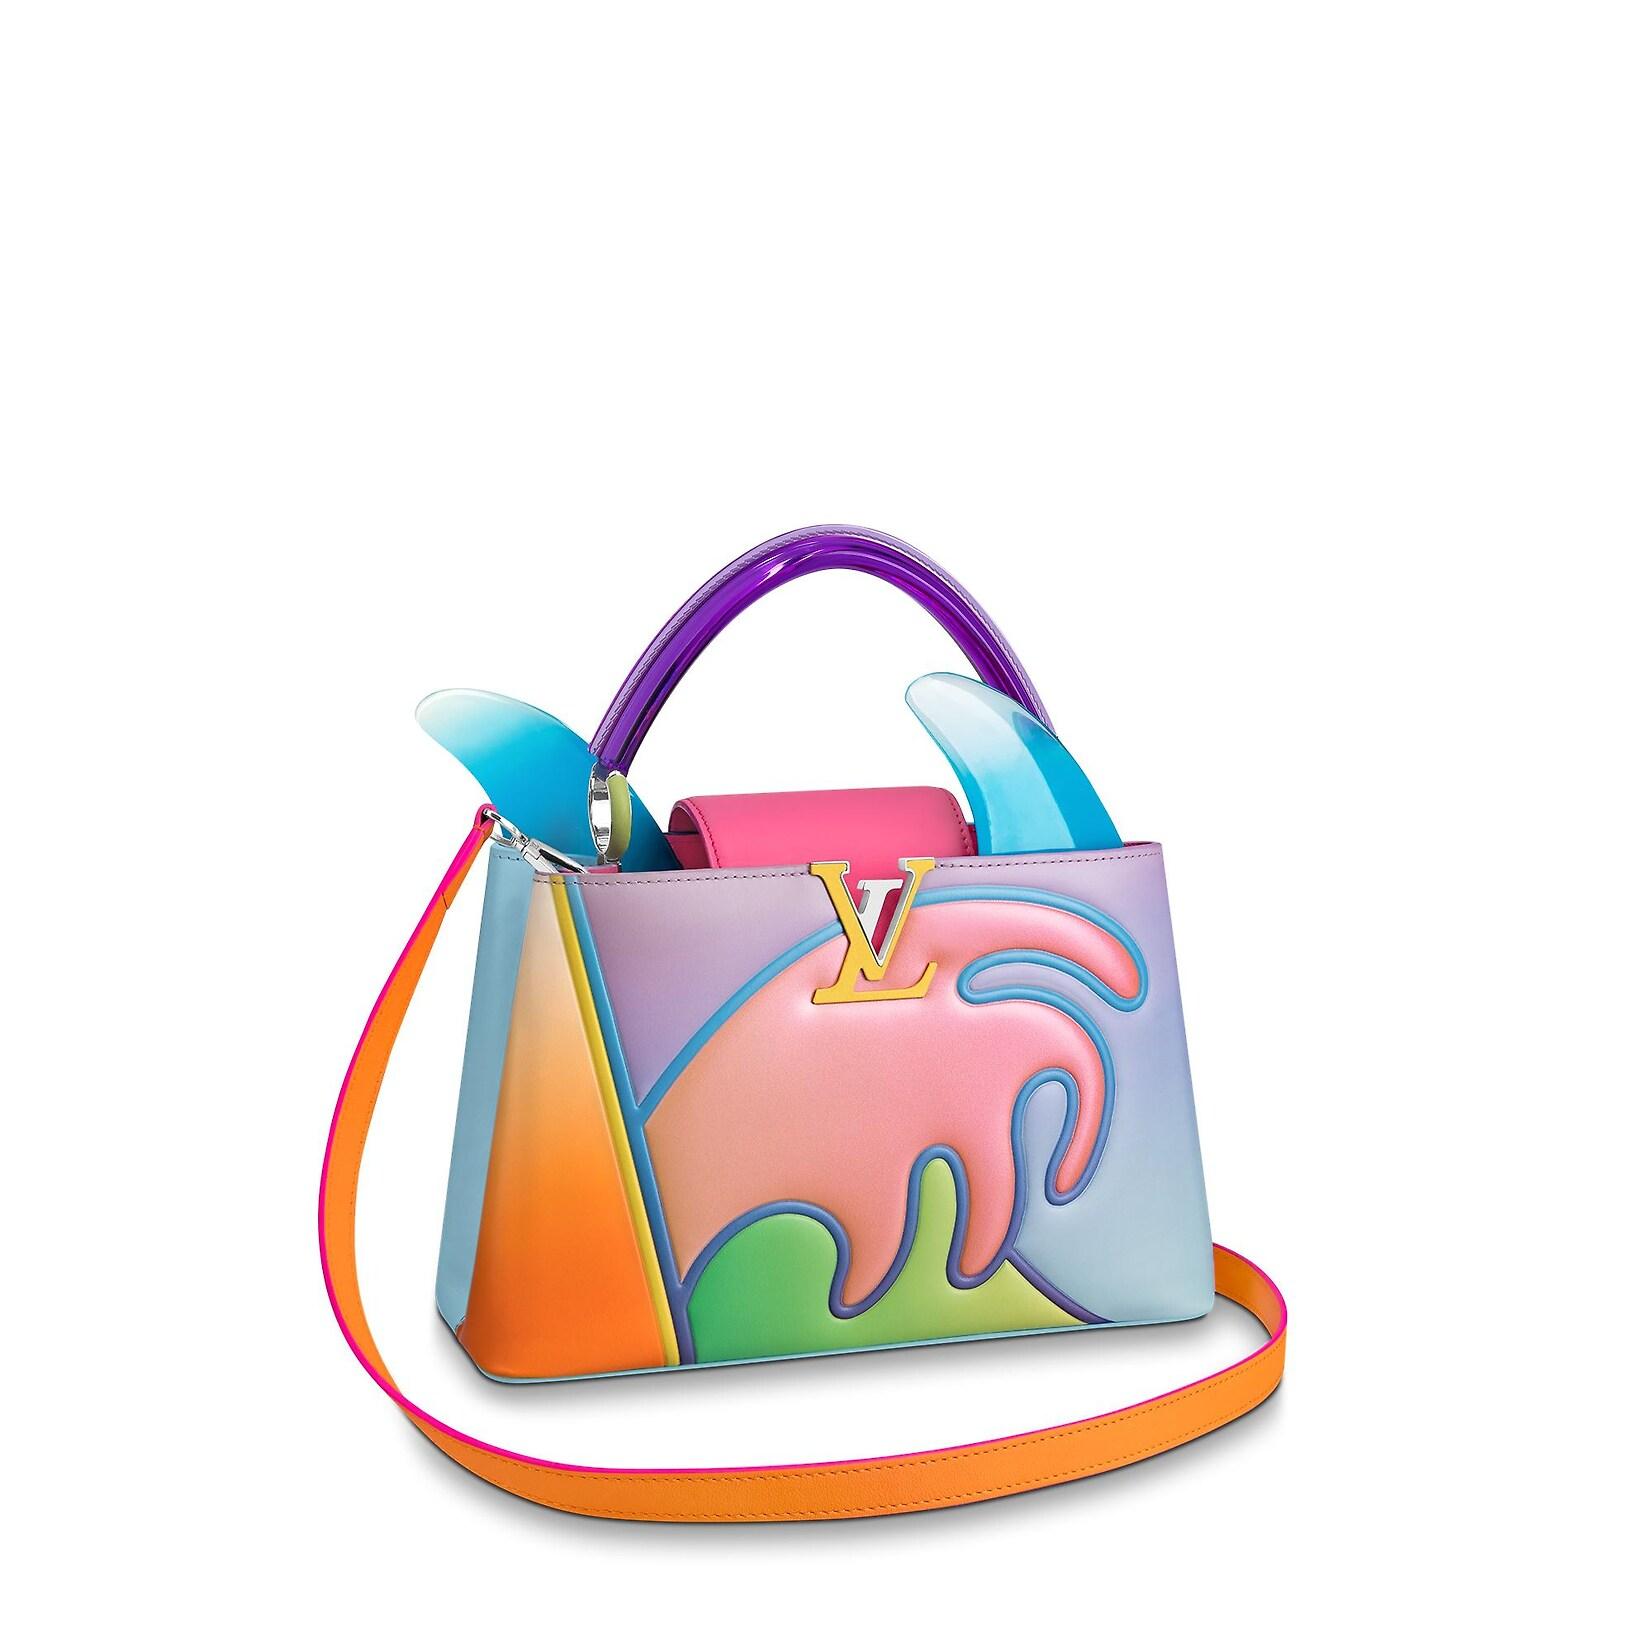 b4c6b445 ARTYCAPUCINES PM ALEX ISRAEL Capucines - Handbags | LOUIS VUITTON ...